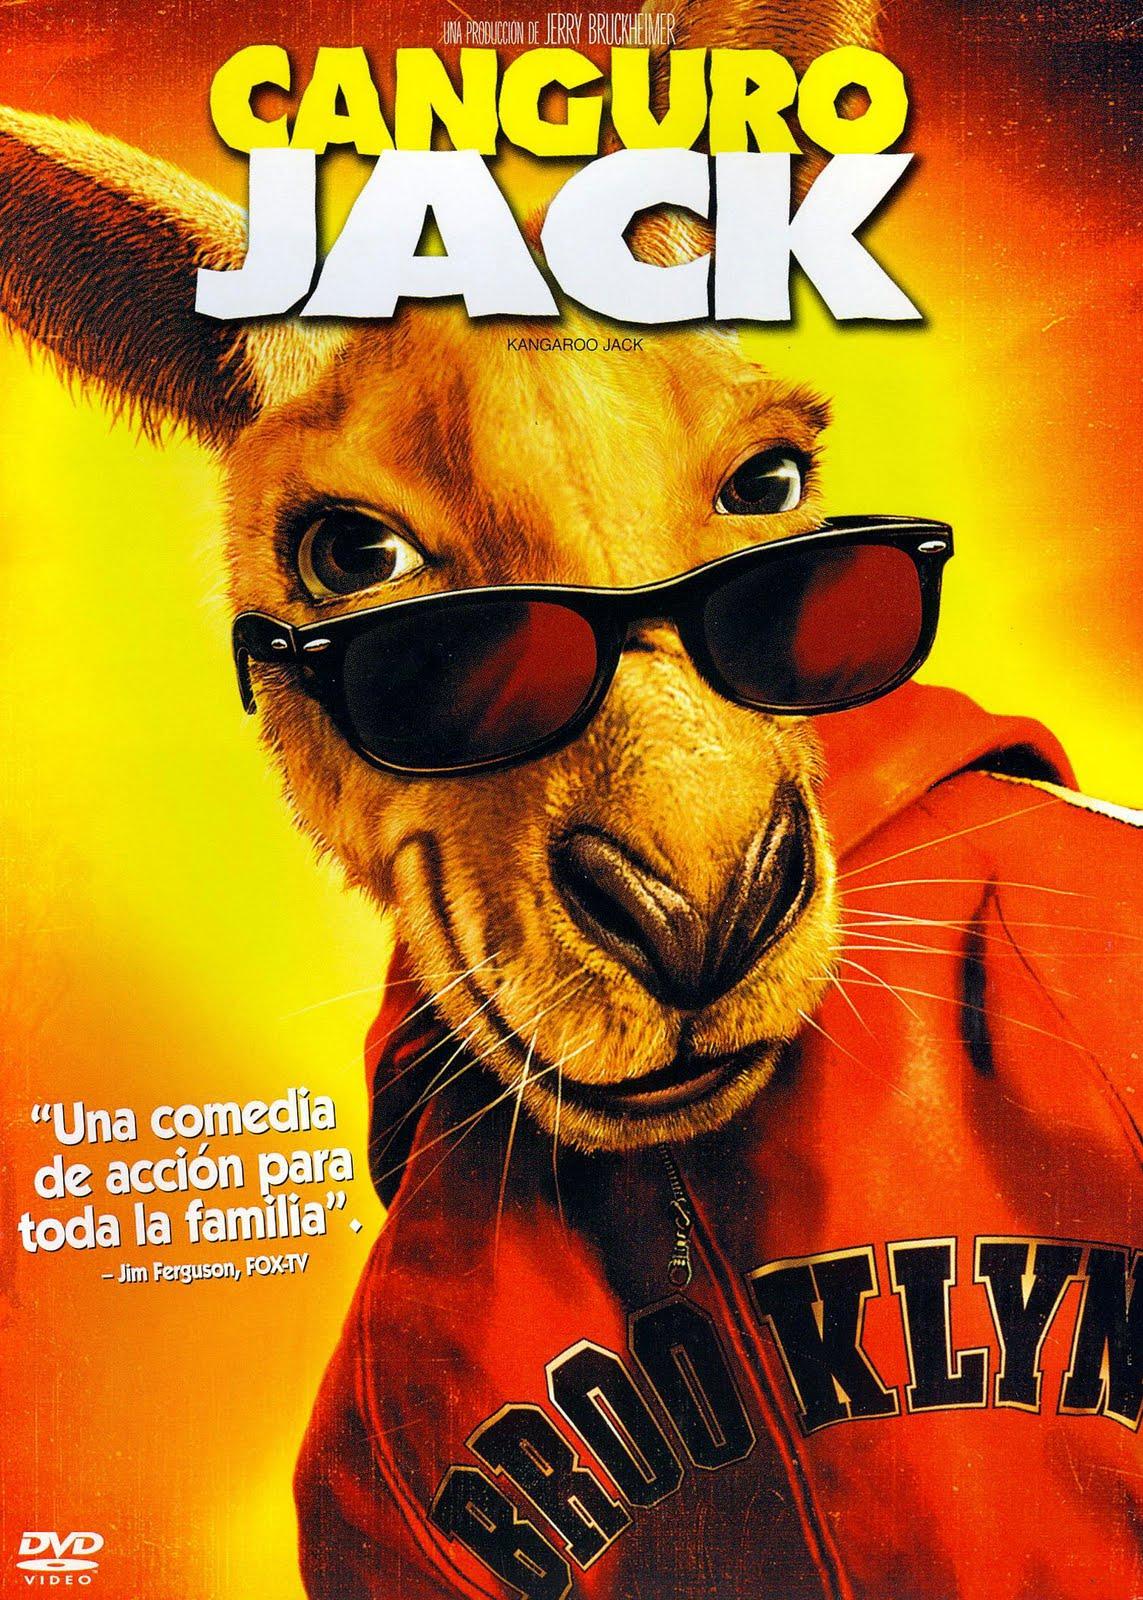 Canguro Jack: Trinca y brinca (2003)